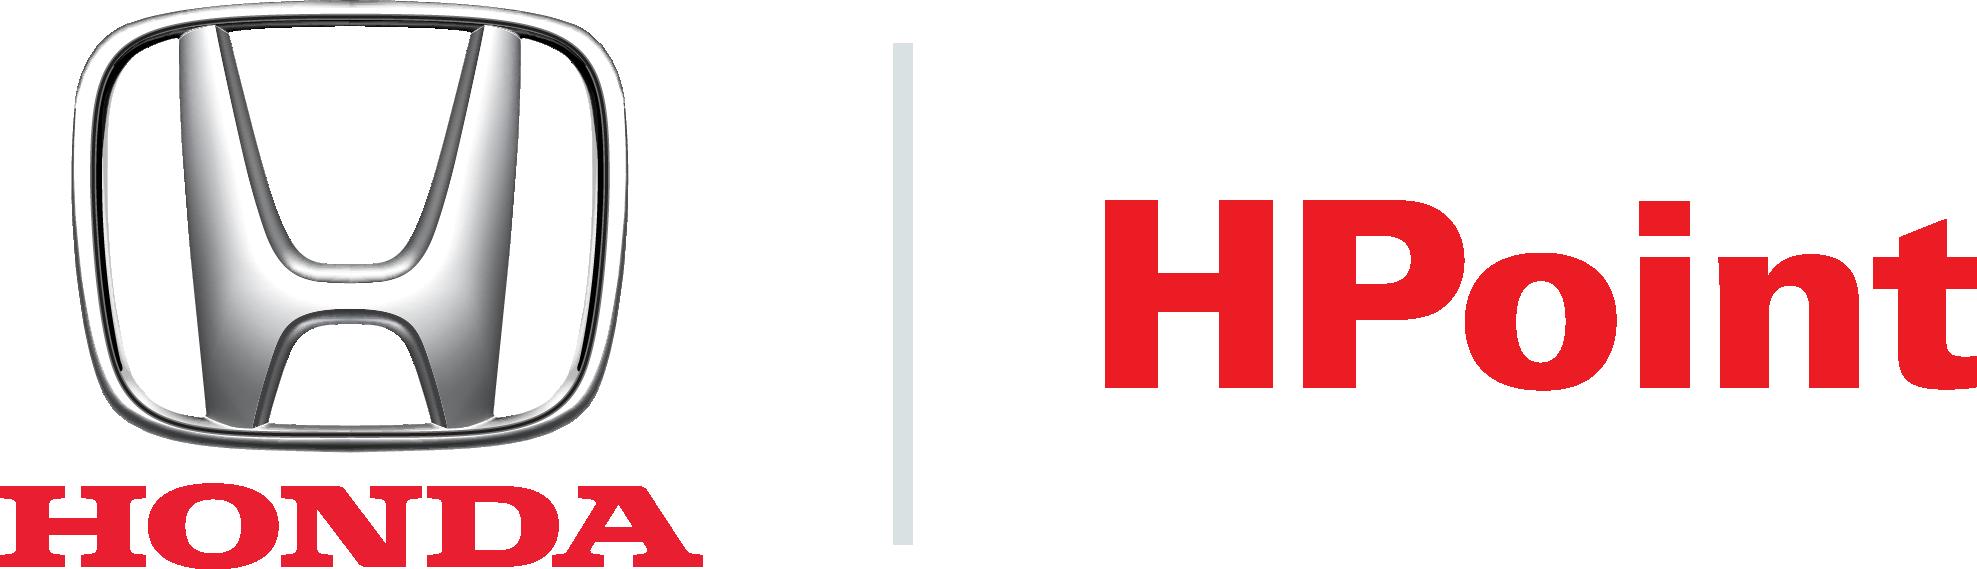 Revisão Honda - Concessionária Honda: Carros (Veículos) Zero Km (0km) e Seminovos (Usados) - HPoint